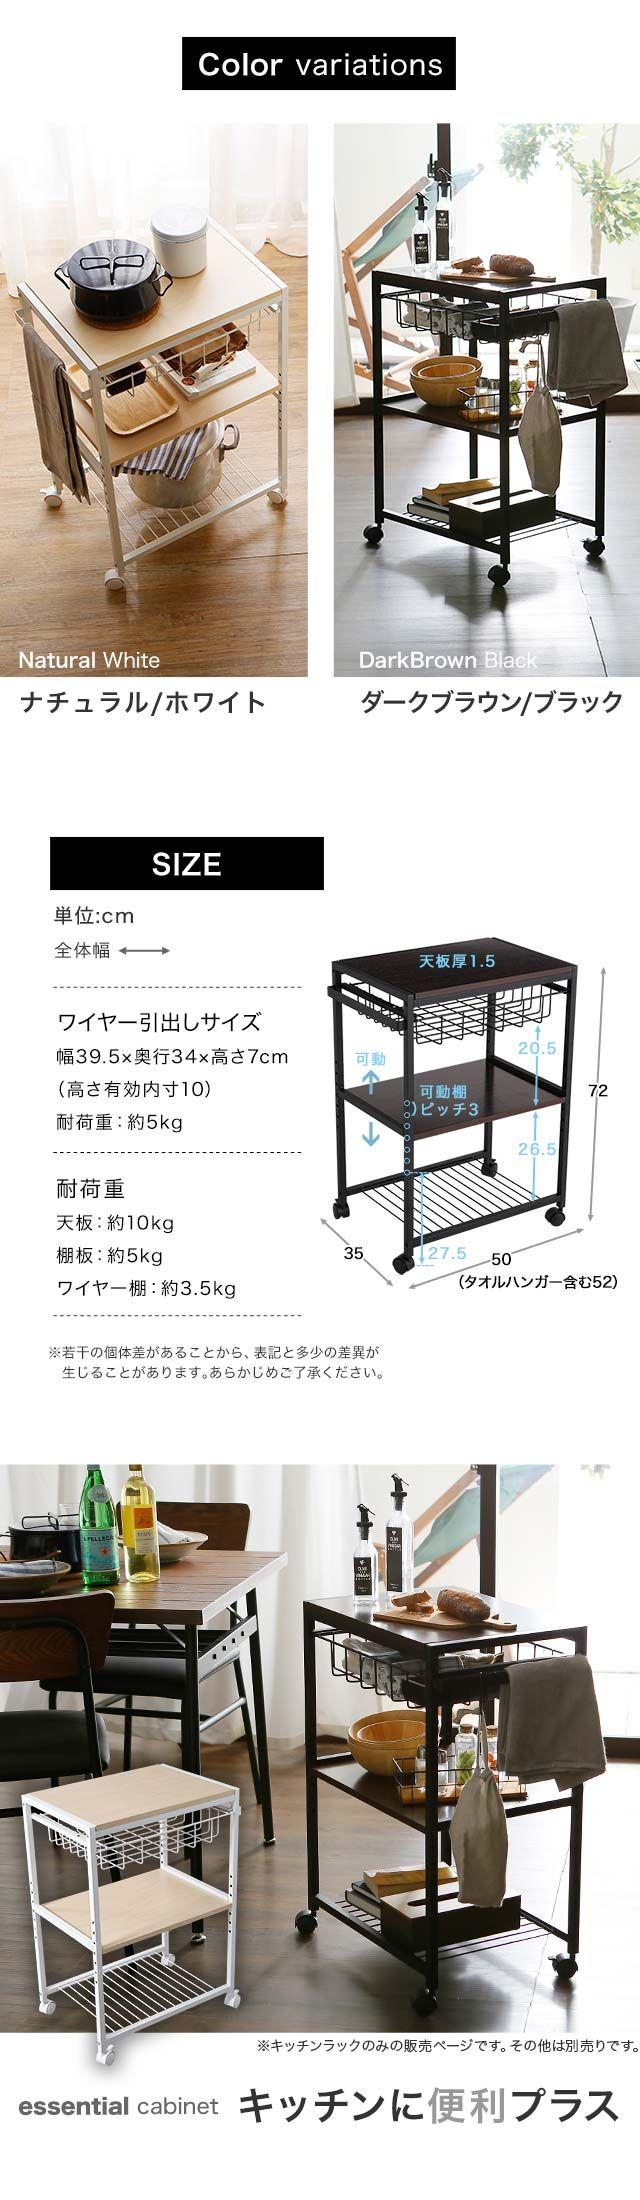 シンプルさを追求したエセスシリーズ「キッチンラック」です。サイズ:幅52x奥行35x高さ72cm素 材:本体:スチール棚板:MDFカラー:ナチュラル/ホワイト、ダークブラウン/ブラック重 量:約7.6kg耐荷重:天板10kg/ワイヤー引出し5kg/可動棚5kg/ワイヤー棚板3.5kg梱包サイズ:幅77x奥行41x高さ21cm(9.6kg)備 考: ※お客様組立て式※送料無料※北海道・沖縄県・離島は別途送料お見積もりです。キッチンワゴン キャスター付 木製天板 タオルハンガー付 キッチン収納 可動式ラック 可動ワゴン 小物収納 キッチンカウンター エセル ラック